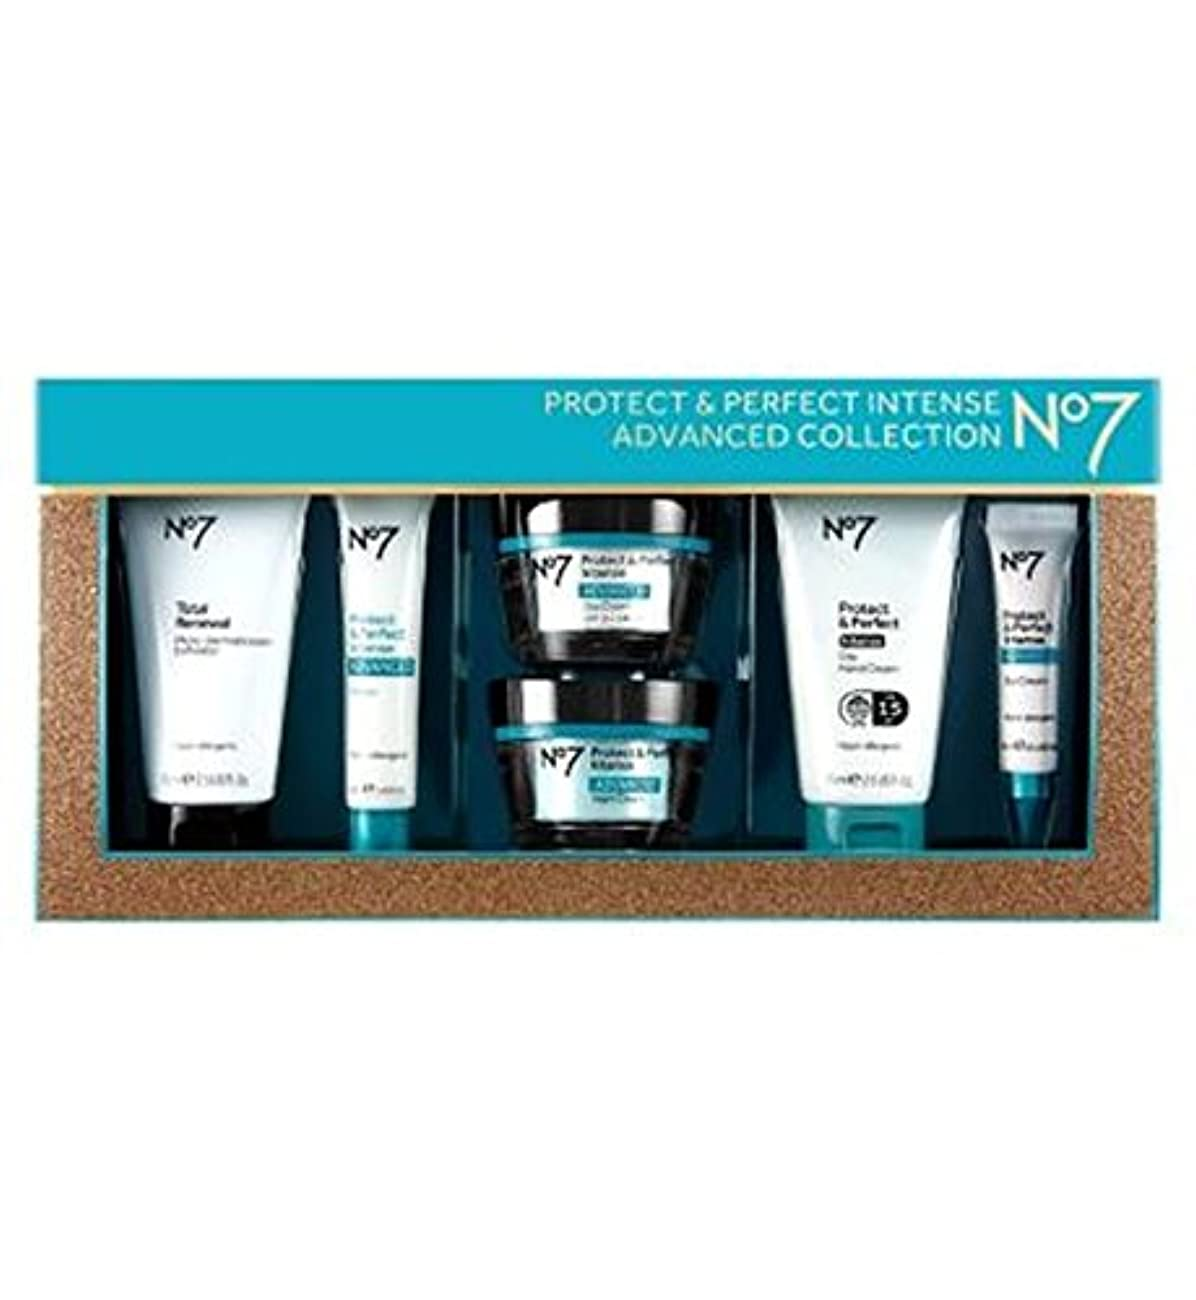 無限大印象的ダーベビルのテスNo7 Protect & Perfect Intense ADVANCED Collection - No7保護&完璧な強烈な高度なコレクション (No7) [並行輸入品]